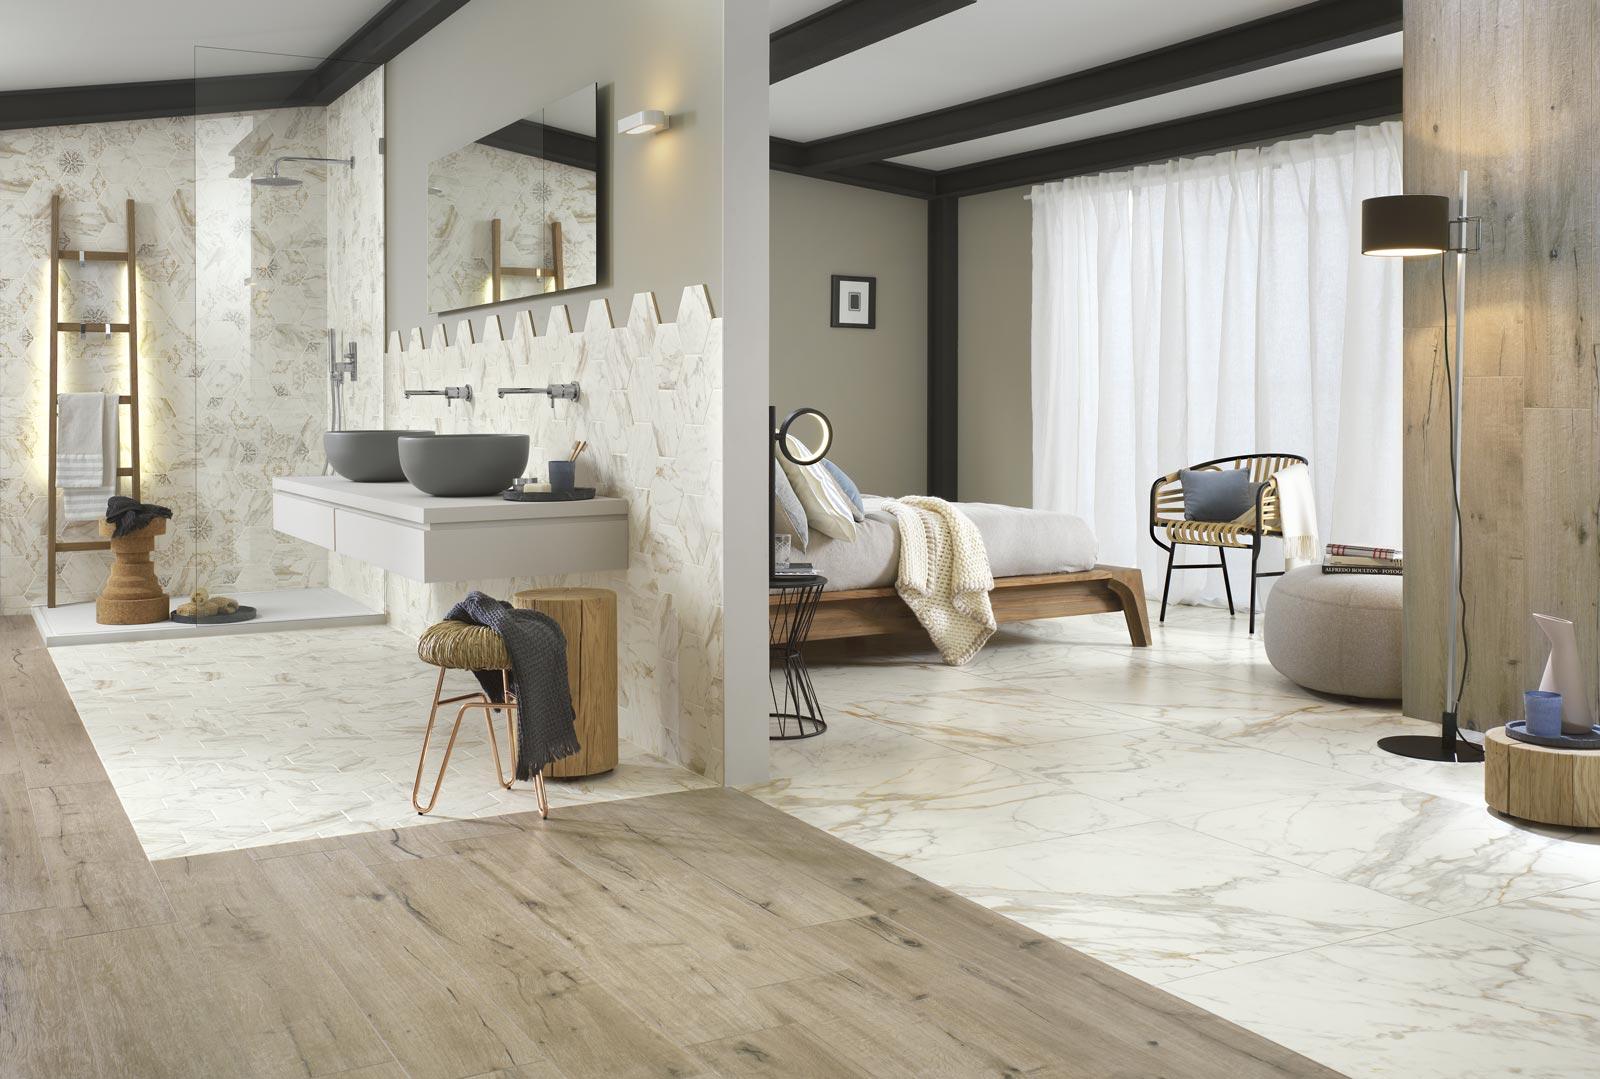 Wonderbaar Luxe slaapkamer badkamer suite | HOMEASE UZ-36